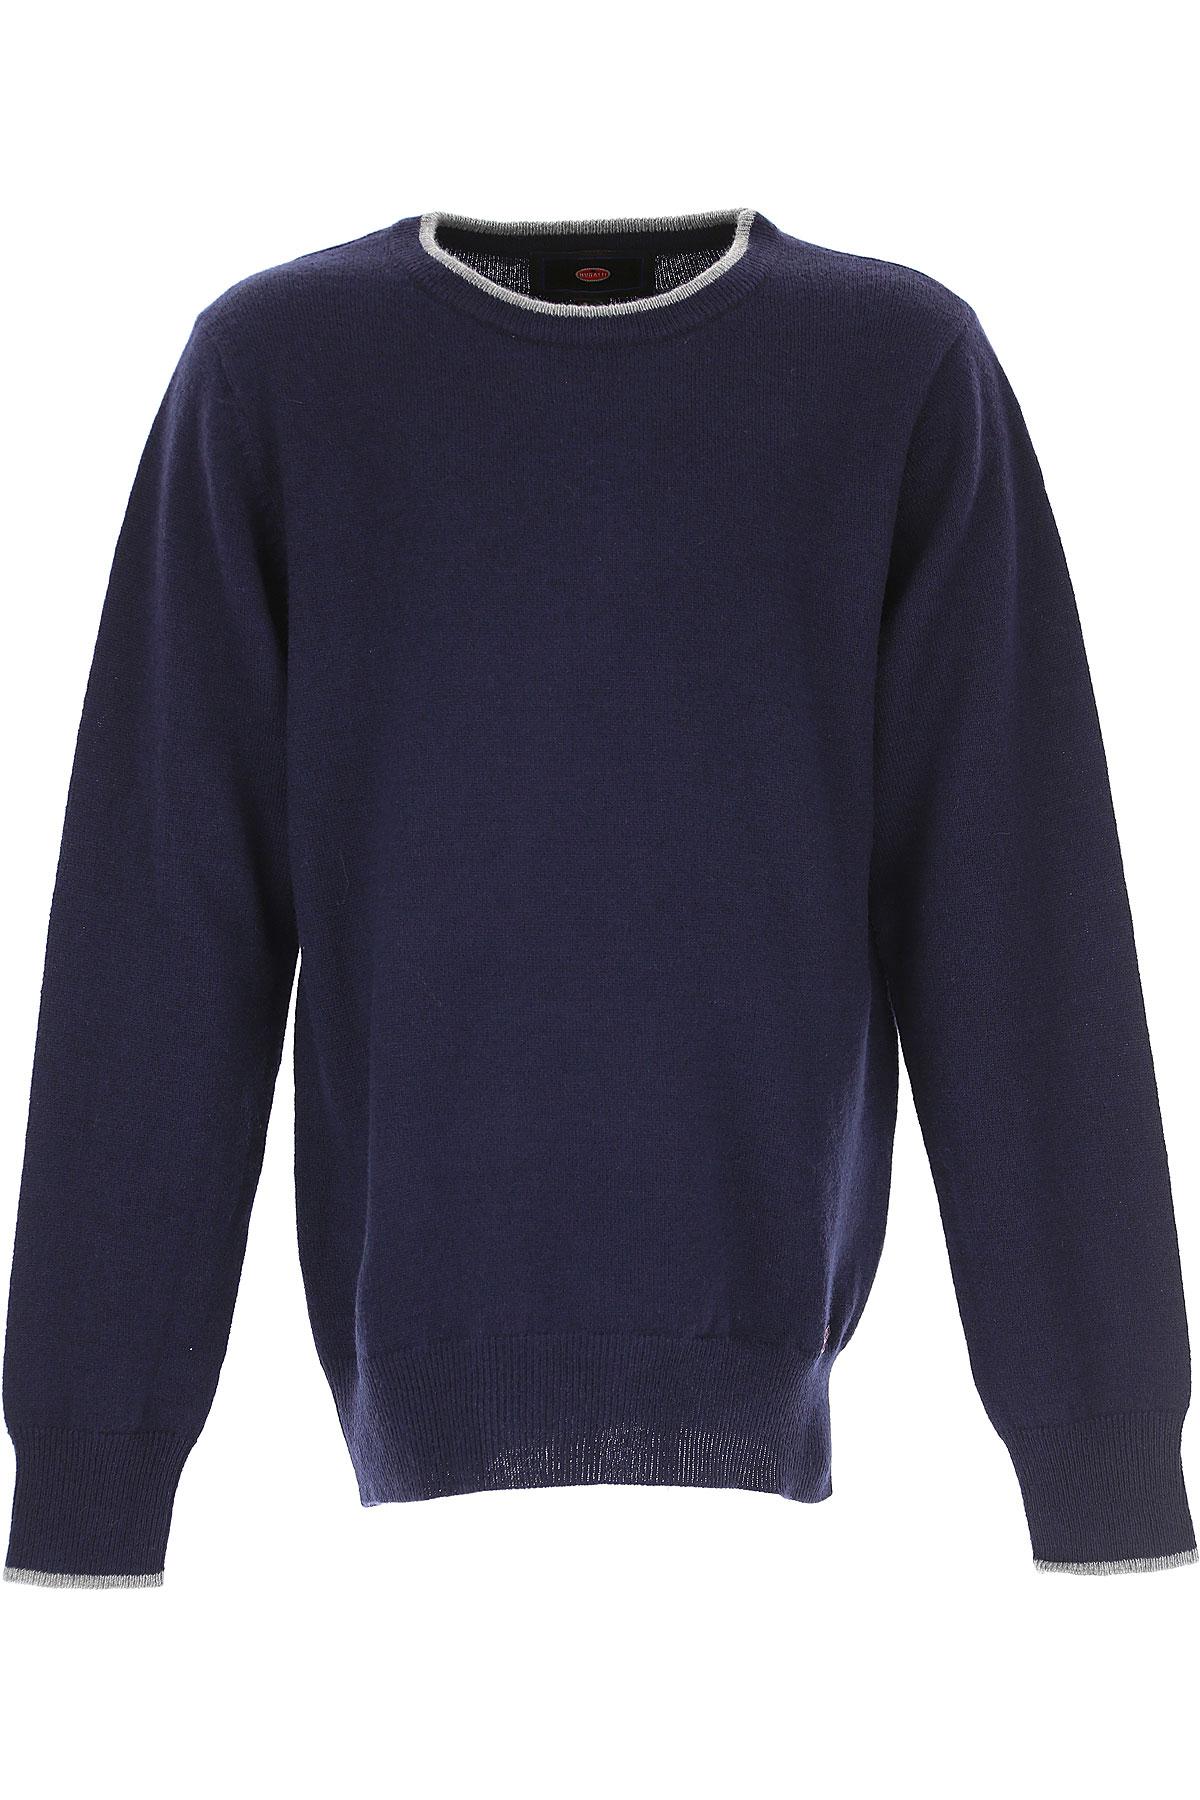 Image of Bugatti Kids Sweaters for Boys, Blue, Wool, 2017, 10Y 14Y 16Y 8Y